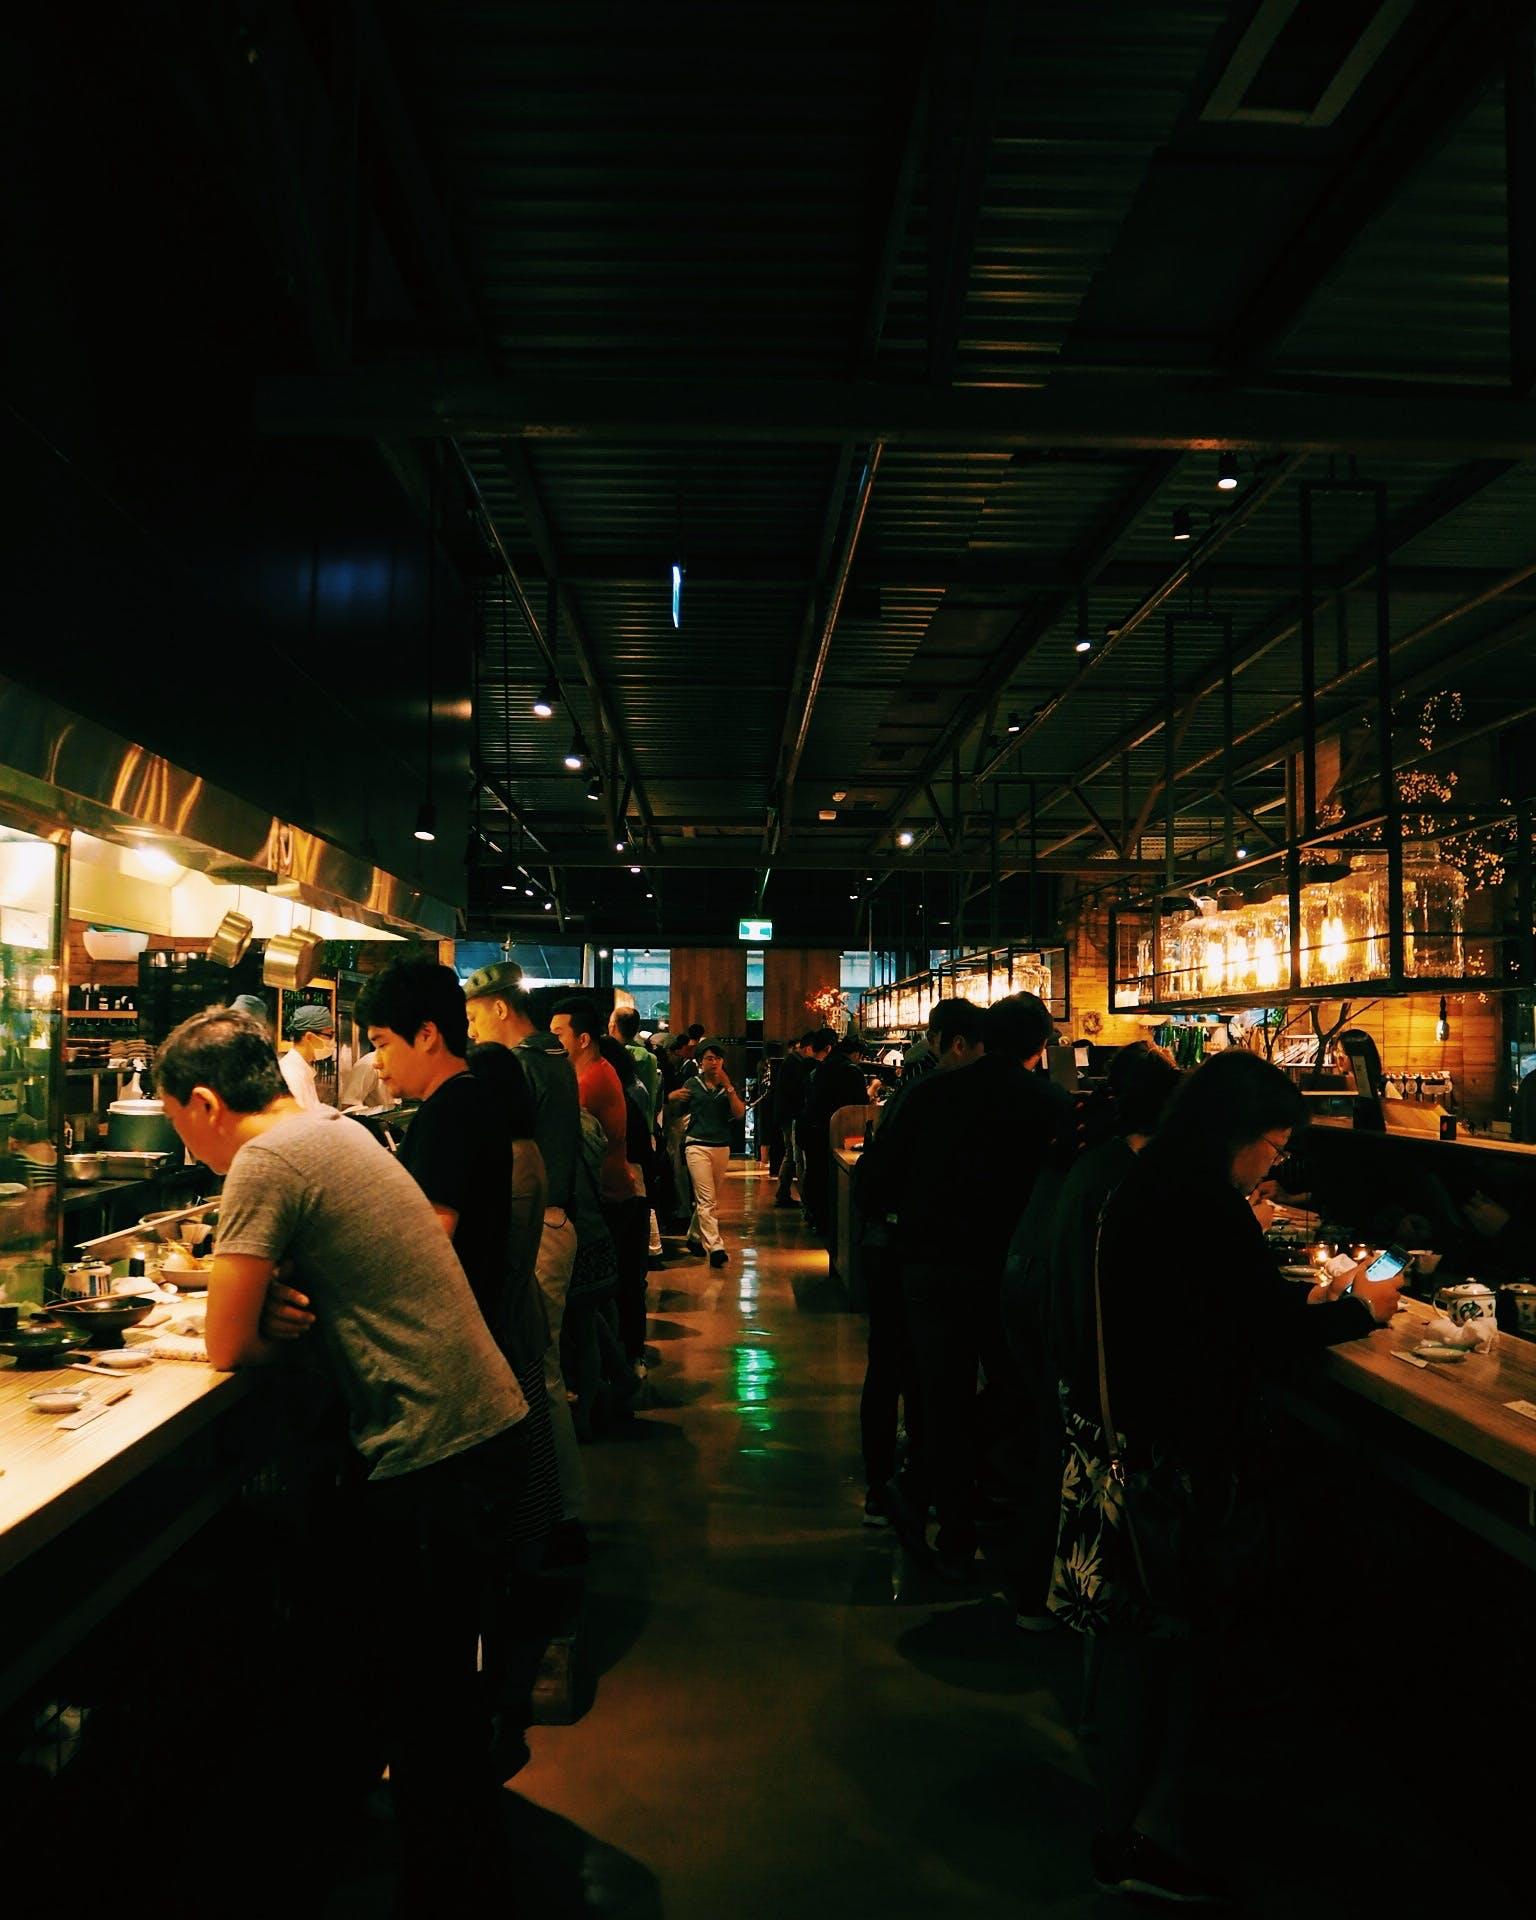 Kostenloses Stock Foto zu restaurant, menschen, beleuchtung, dunkel